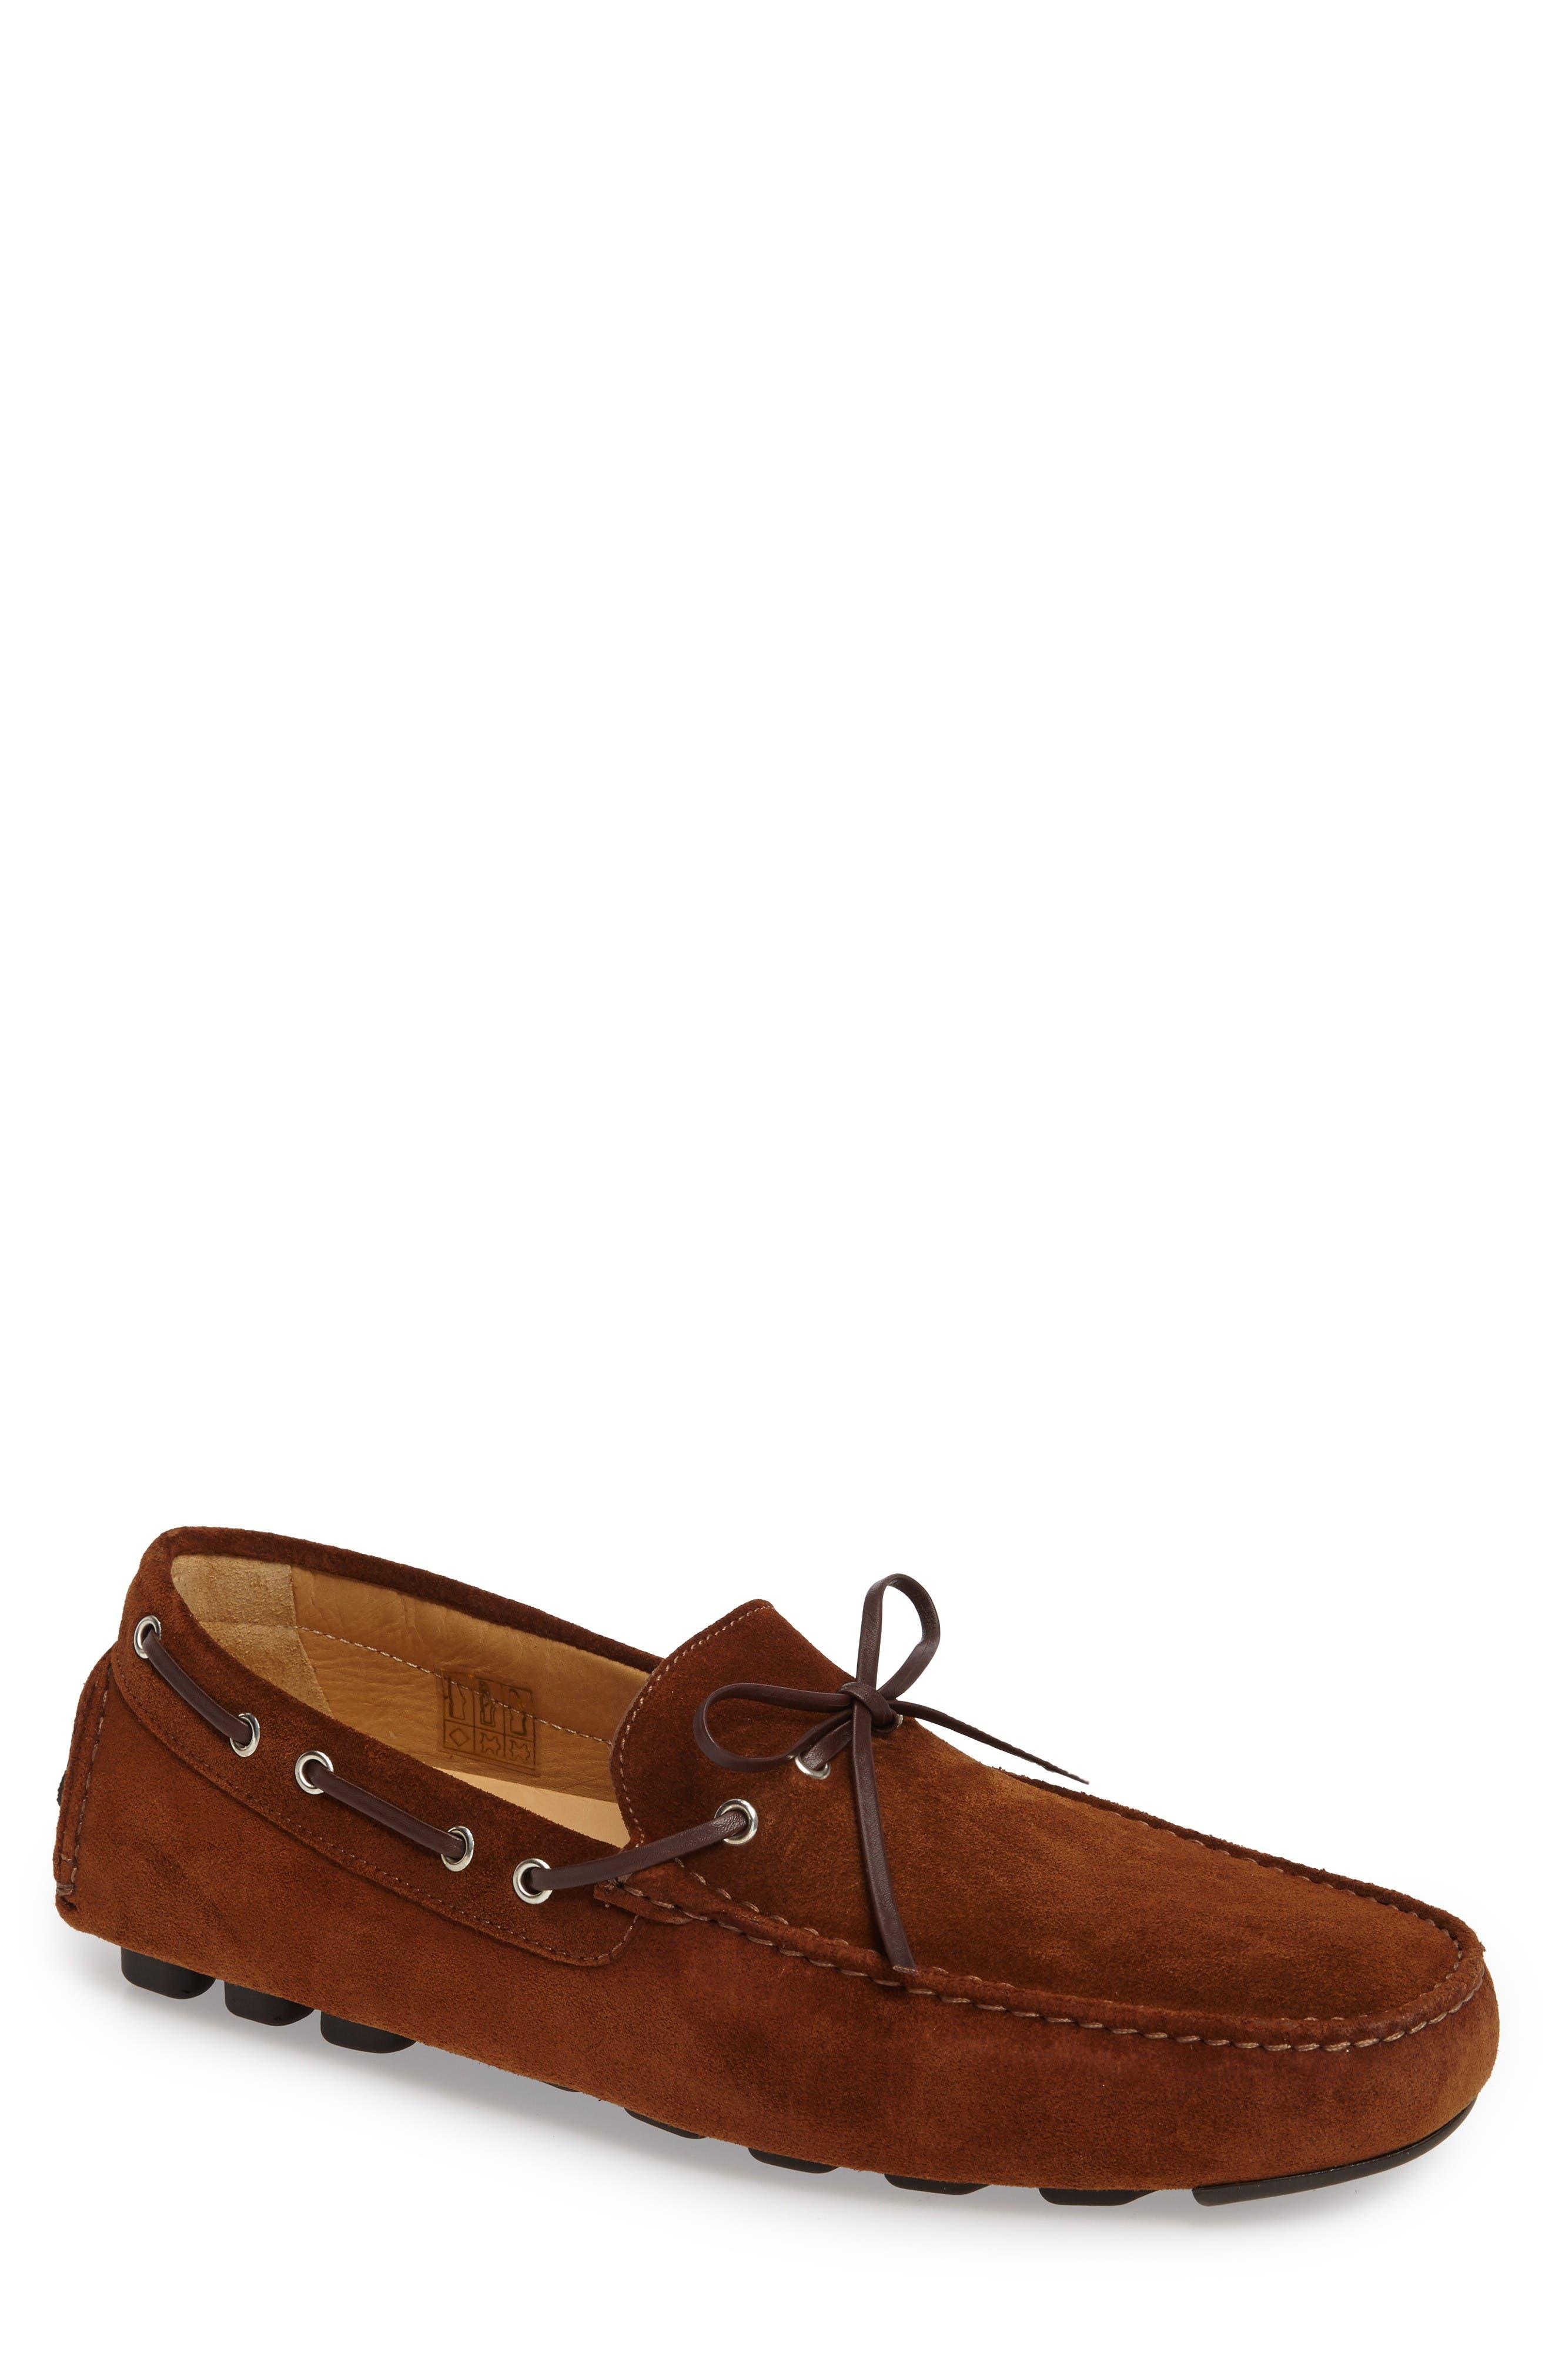 Alternate Image 1 Selected - Di Bianco Gallo Driving Shoe (Men)